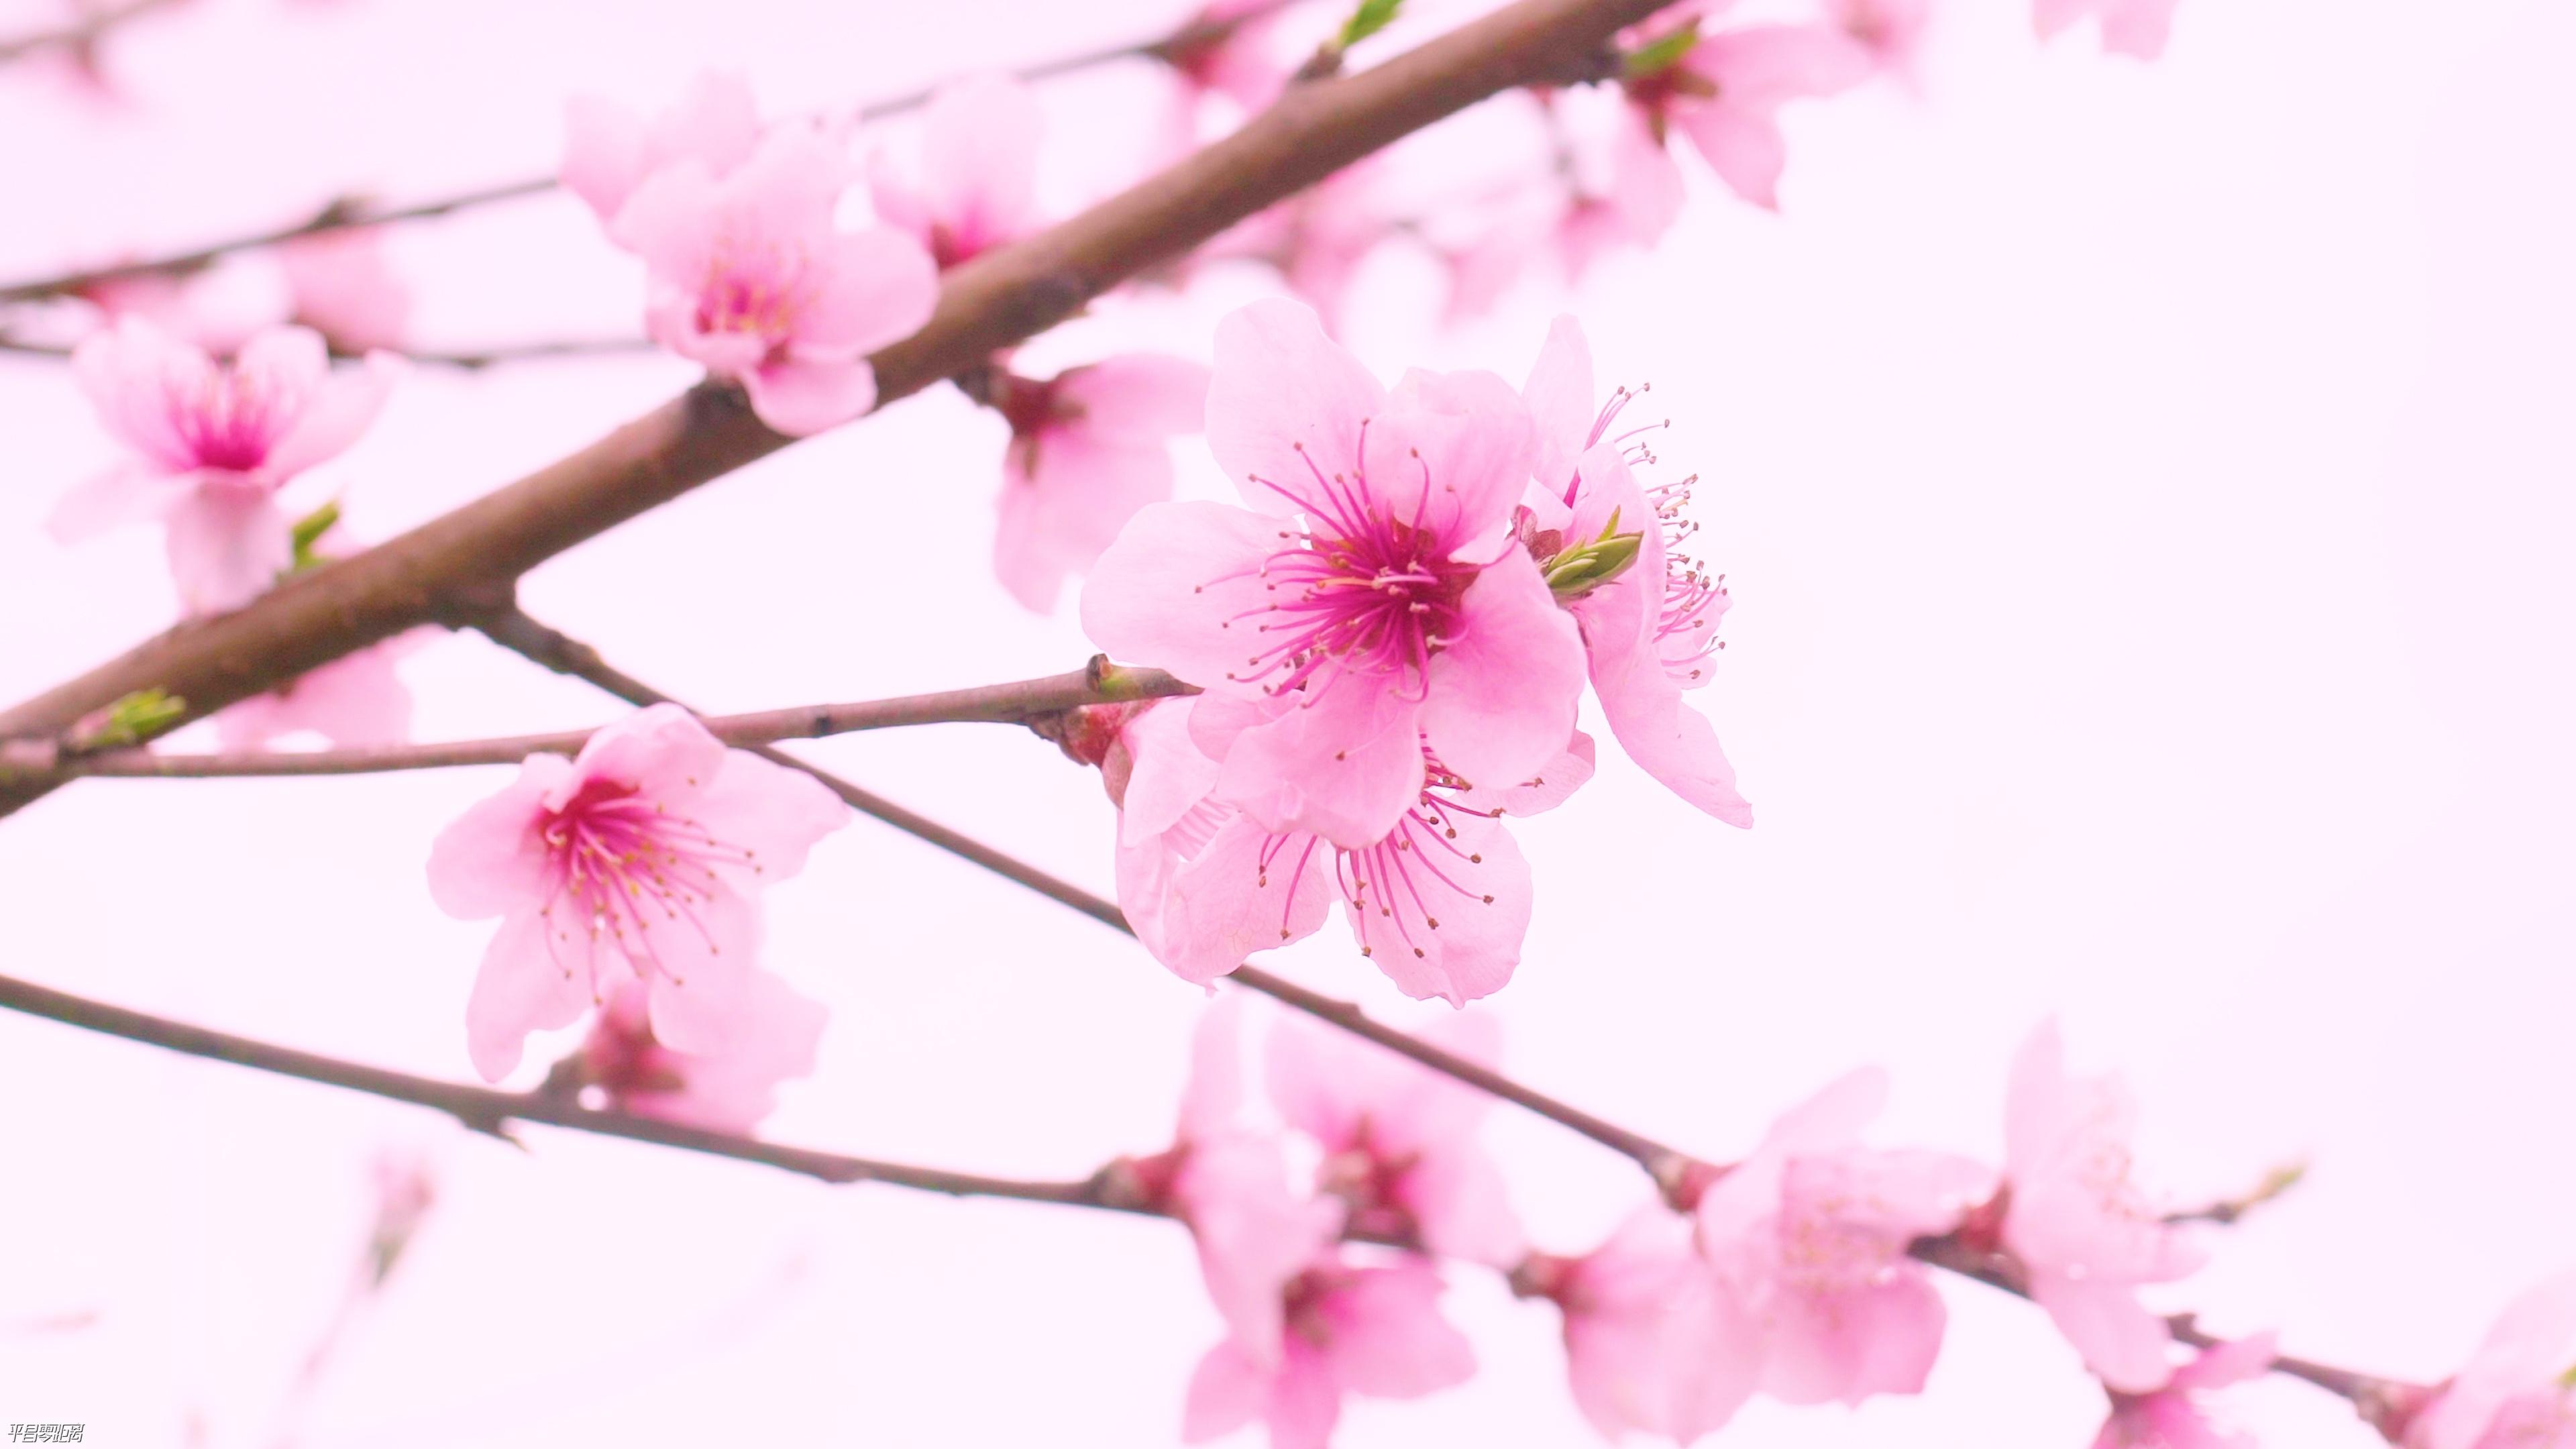 不用到处找春天了!平昌这些地方的春色藏都藏不住~